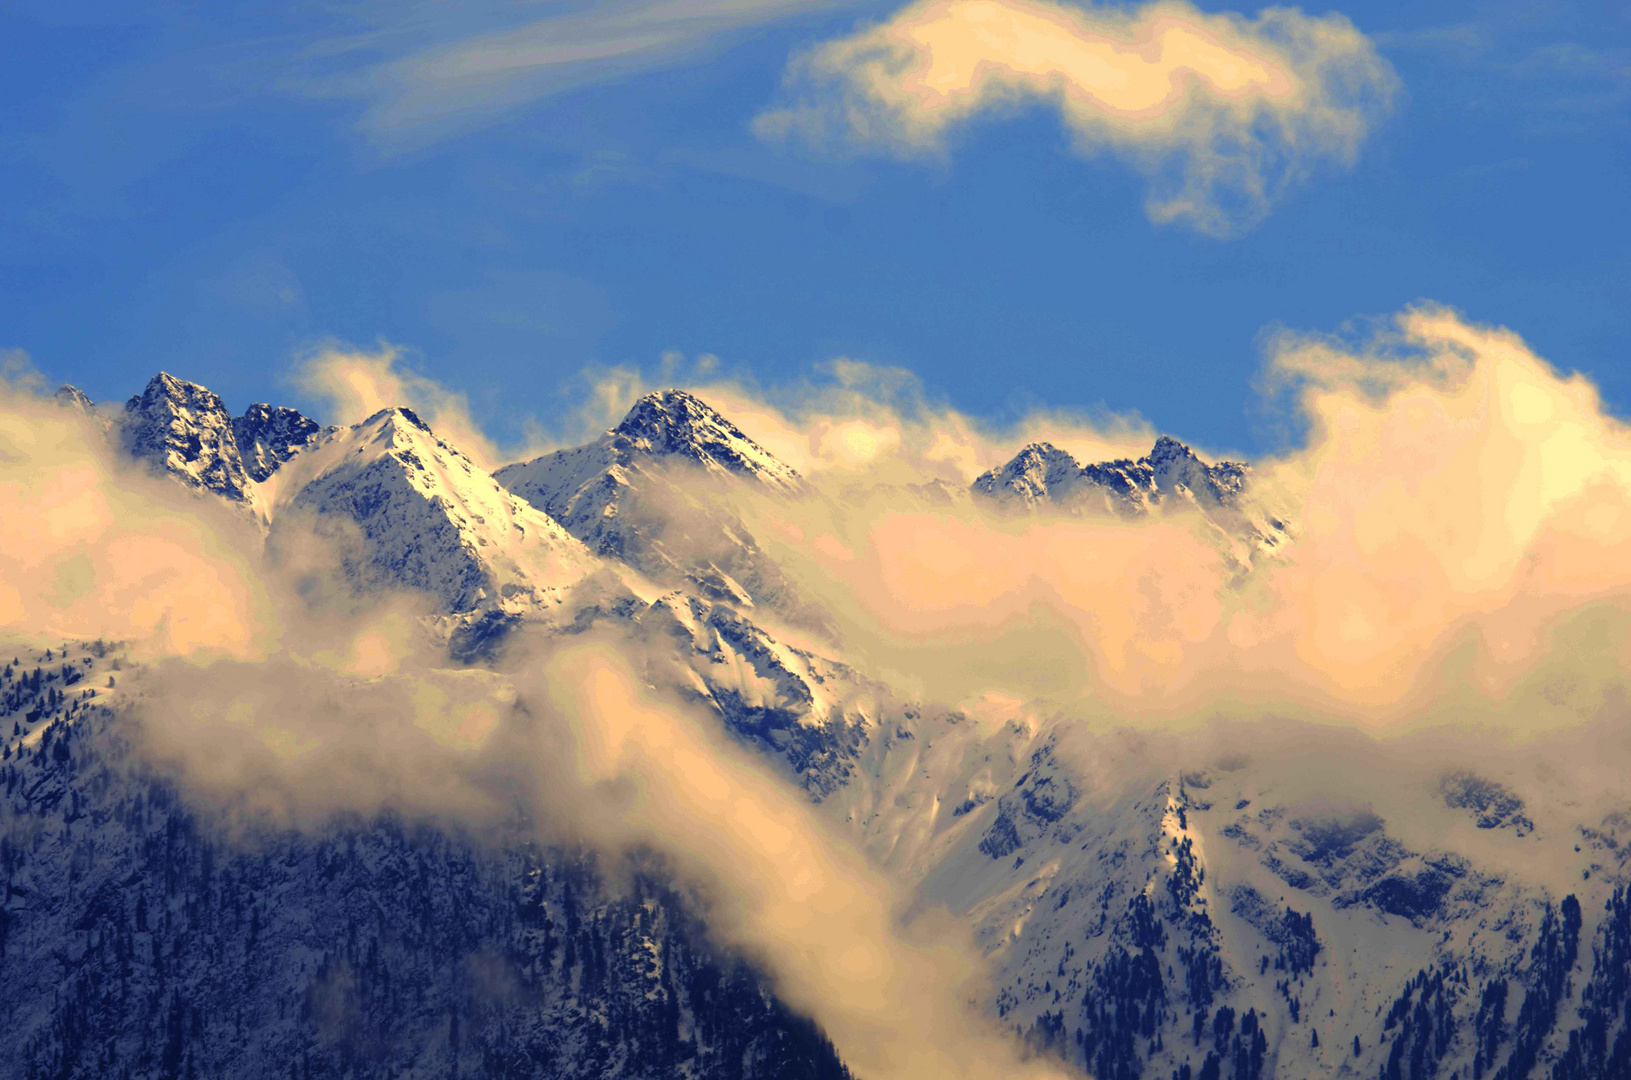 Liebe Ostergrüße von den Tiroler Bergen ...